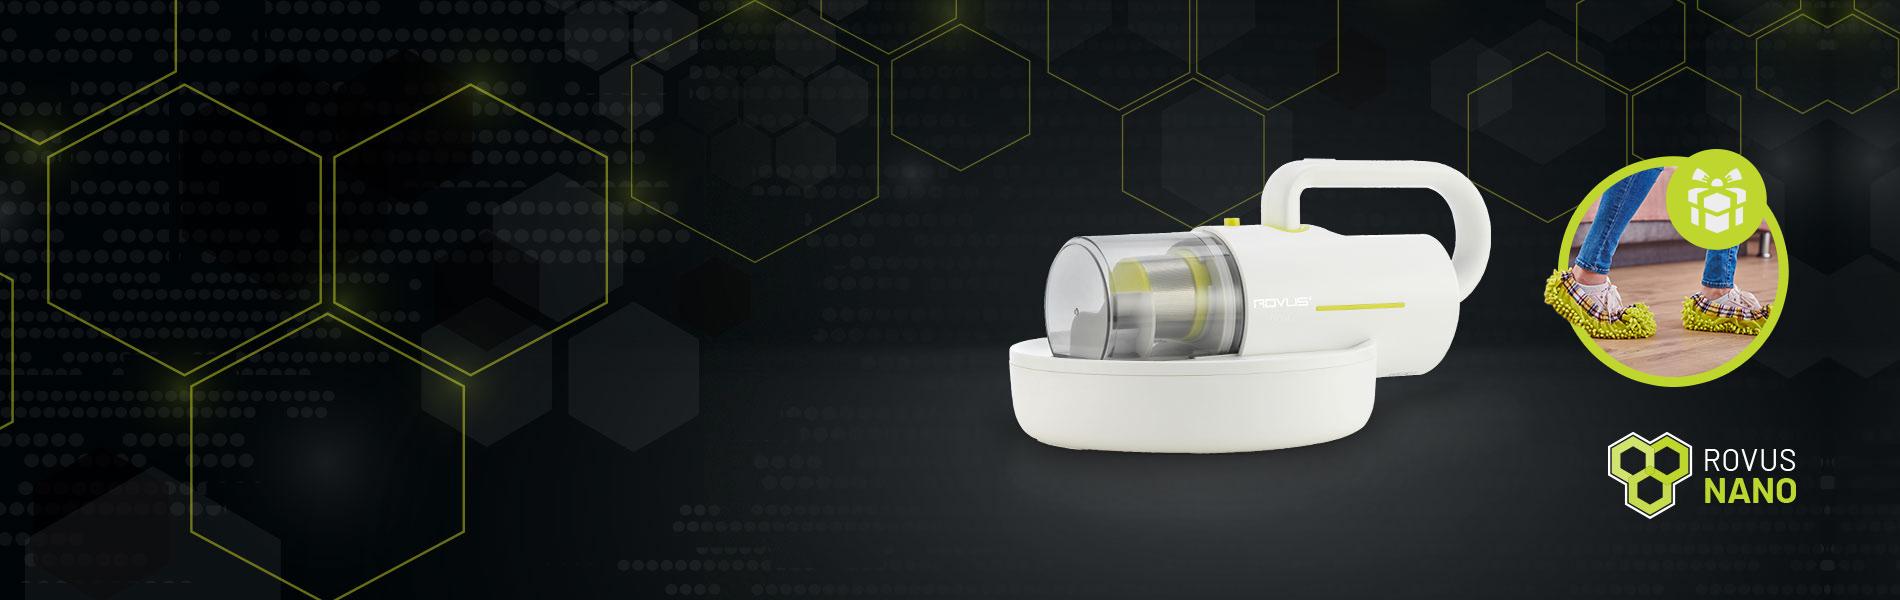 Rovus Nano UV VAC+POKLON